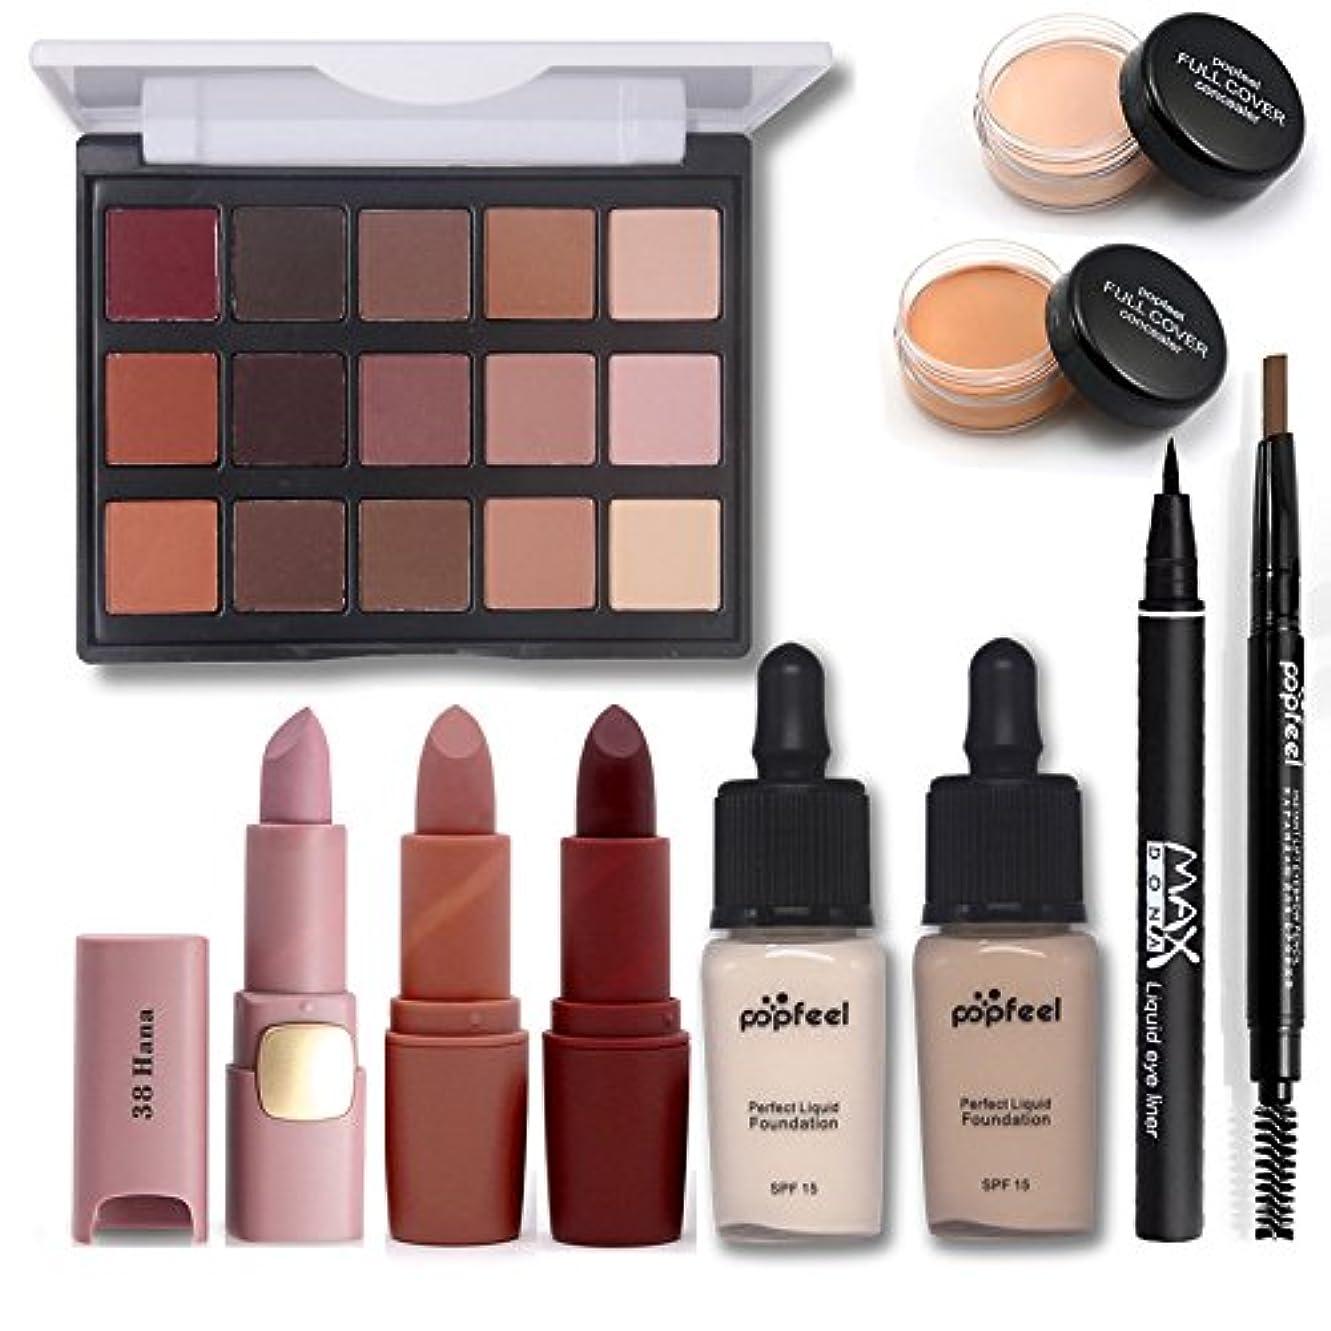 ぴかぴか貫通ペアMakup Tool Kit Including Matte Eyeshadow Lipstick Foundation Concealer Eyebrow Pencil Eyeliner Makeup Set Cosmetic Kit Maquiagem